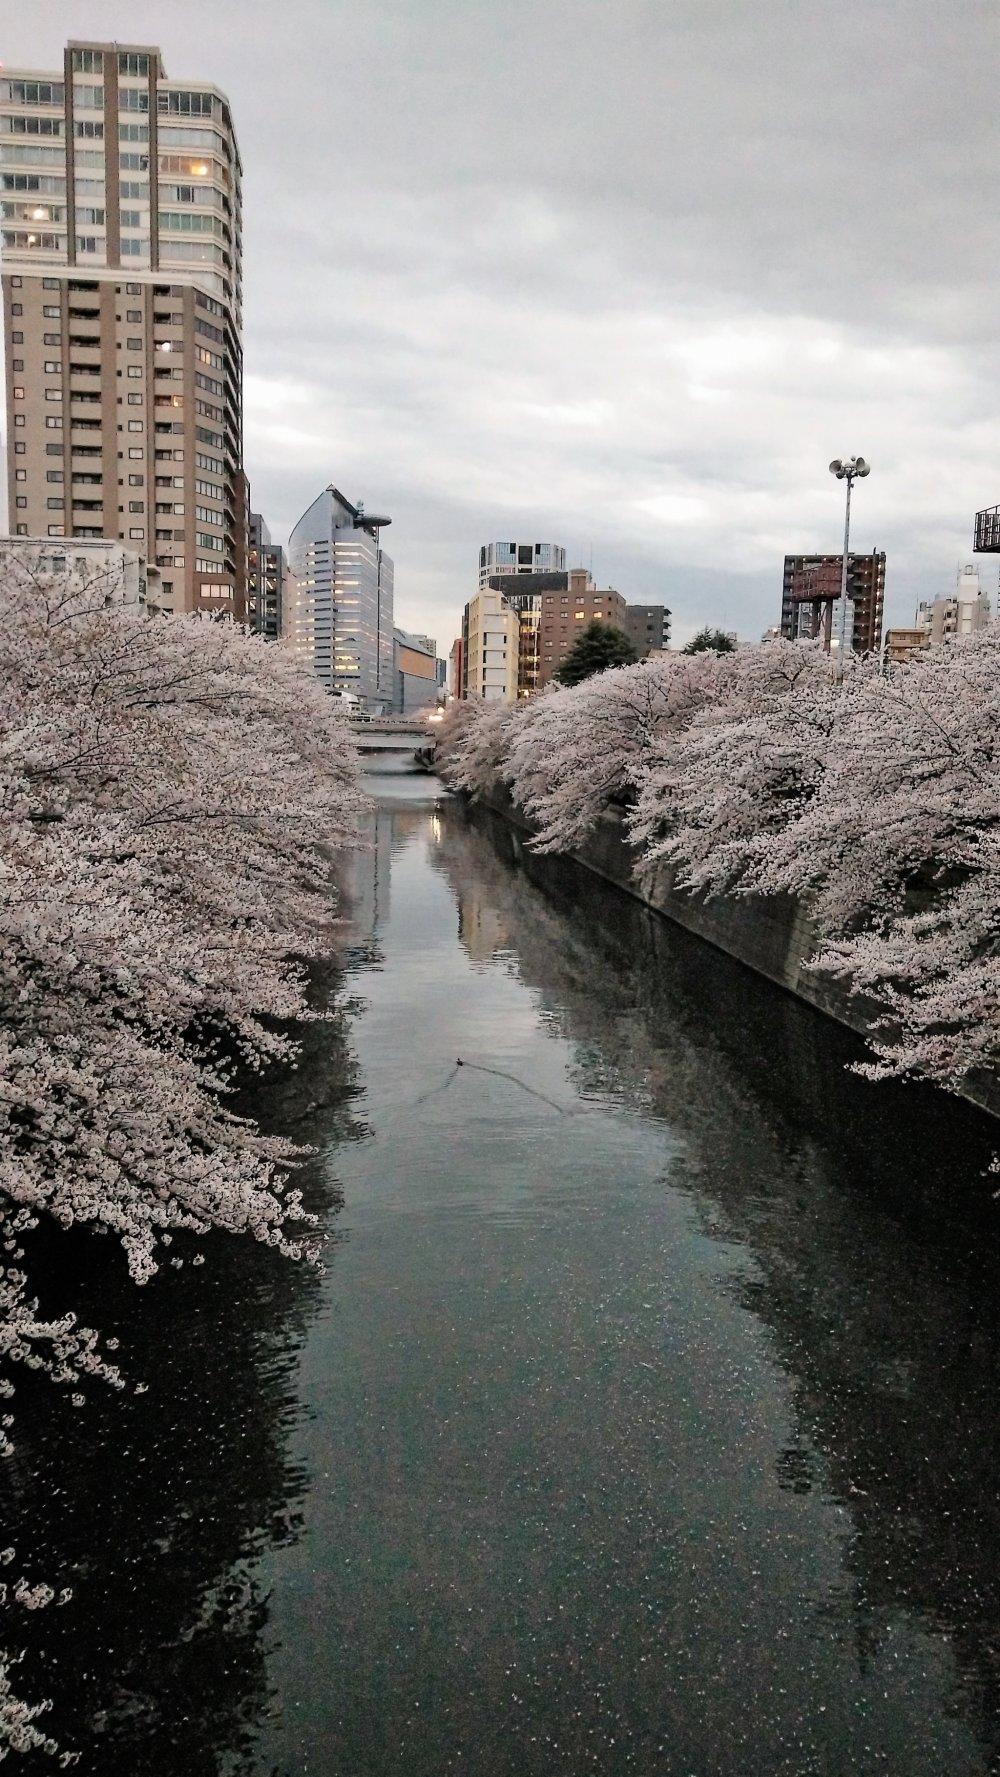 เมื่อดวงตาวันกำลังจากลา แสงสีทองส่องประกายต้องดอกไม้สีชมพูสวย และส่องประกายสะท้อนผิวน้ำ